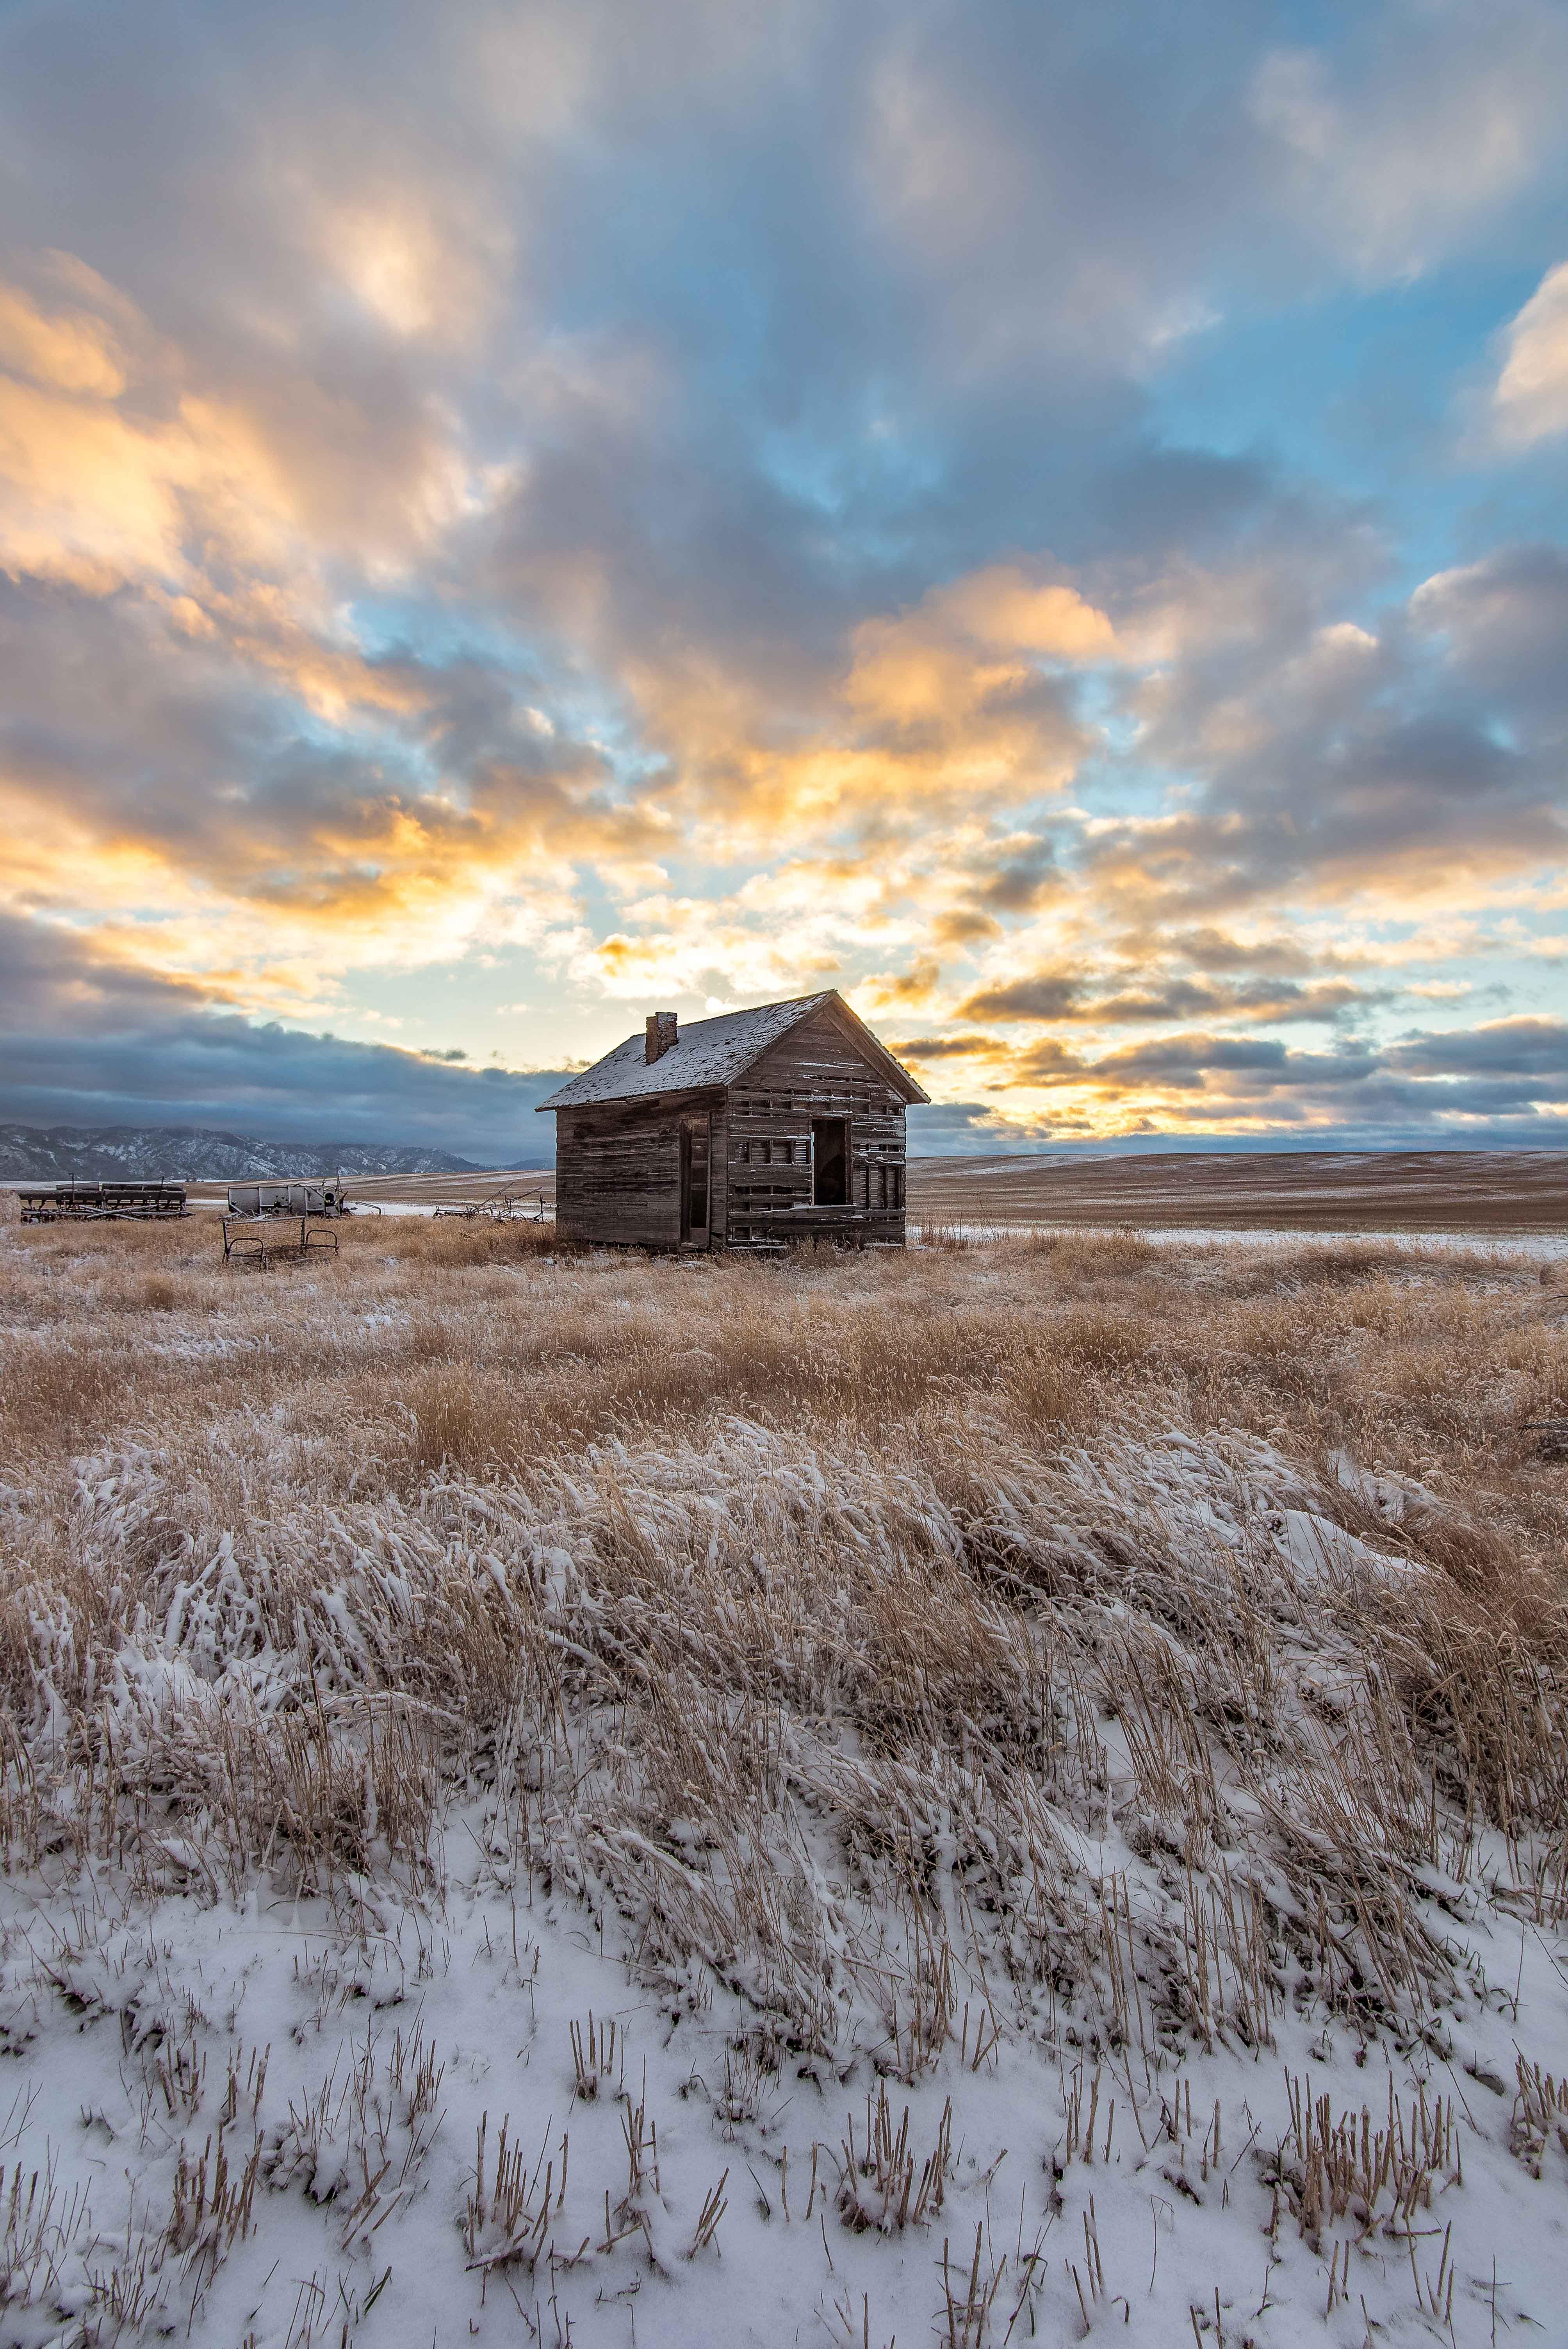 snowy barn in a field